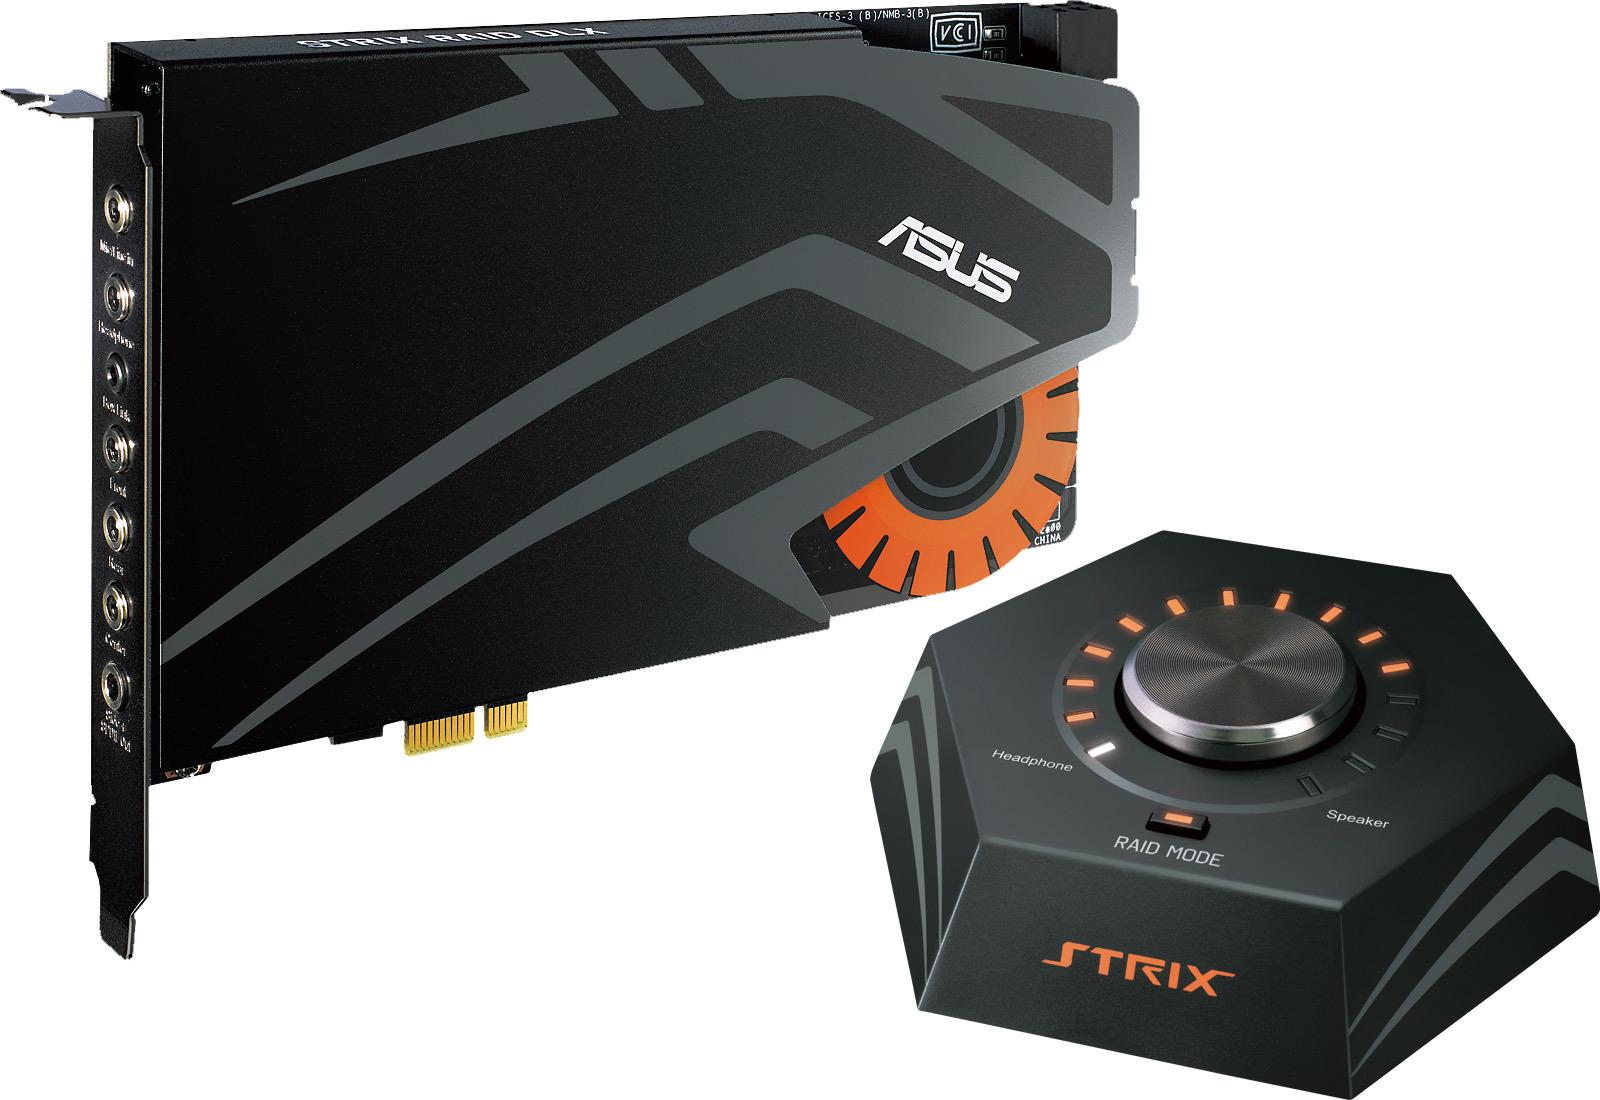 Звуковая карта ASUS Strix Raid DLX (C-Media 6632AX), STRIX RAID